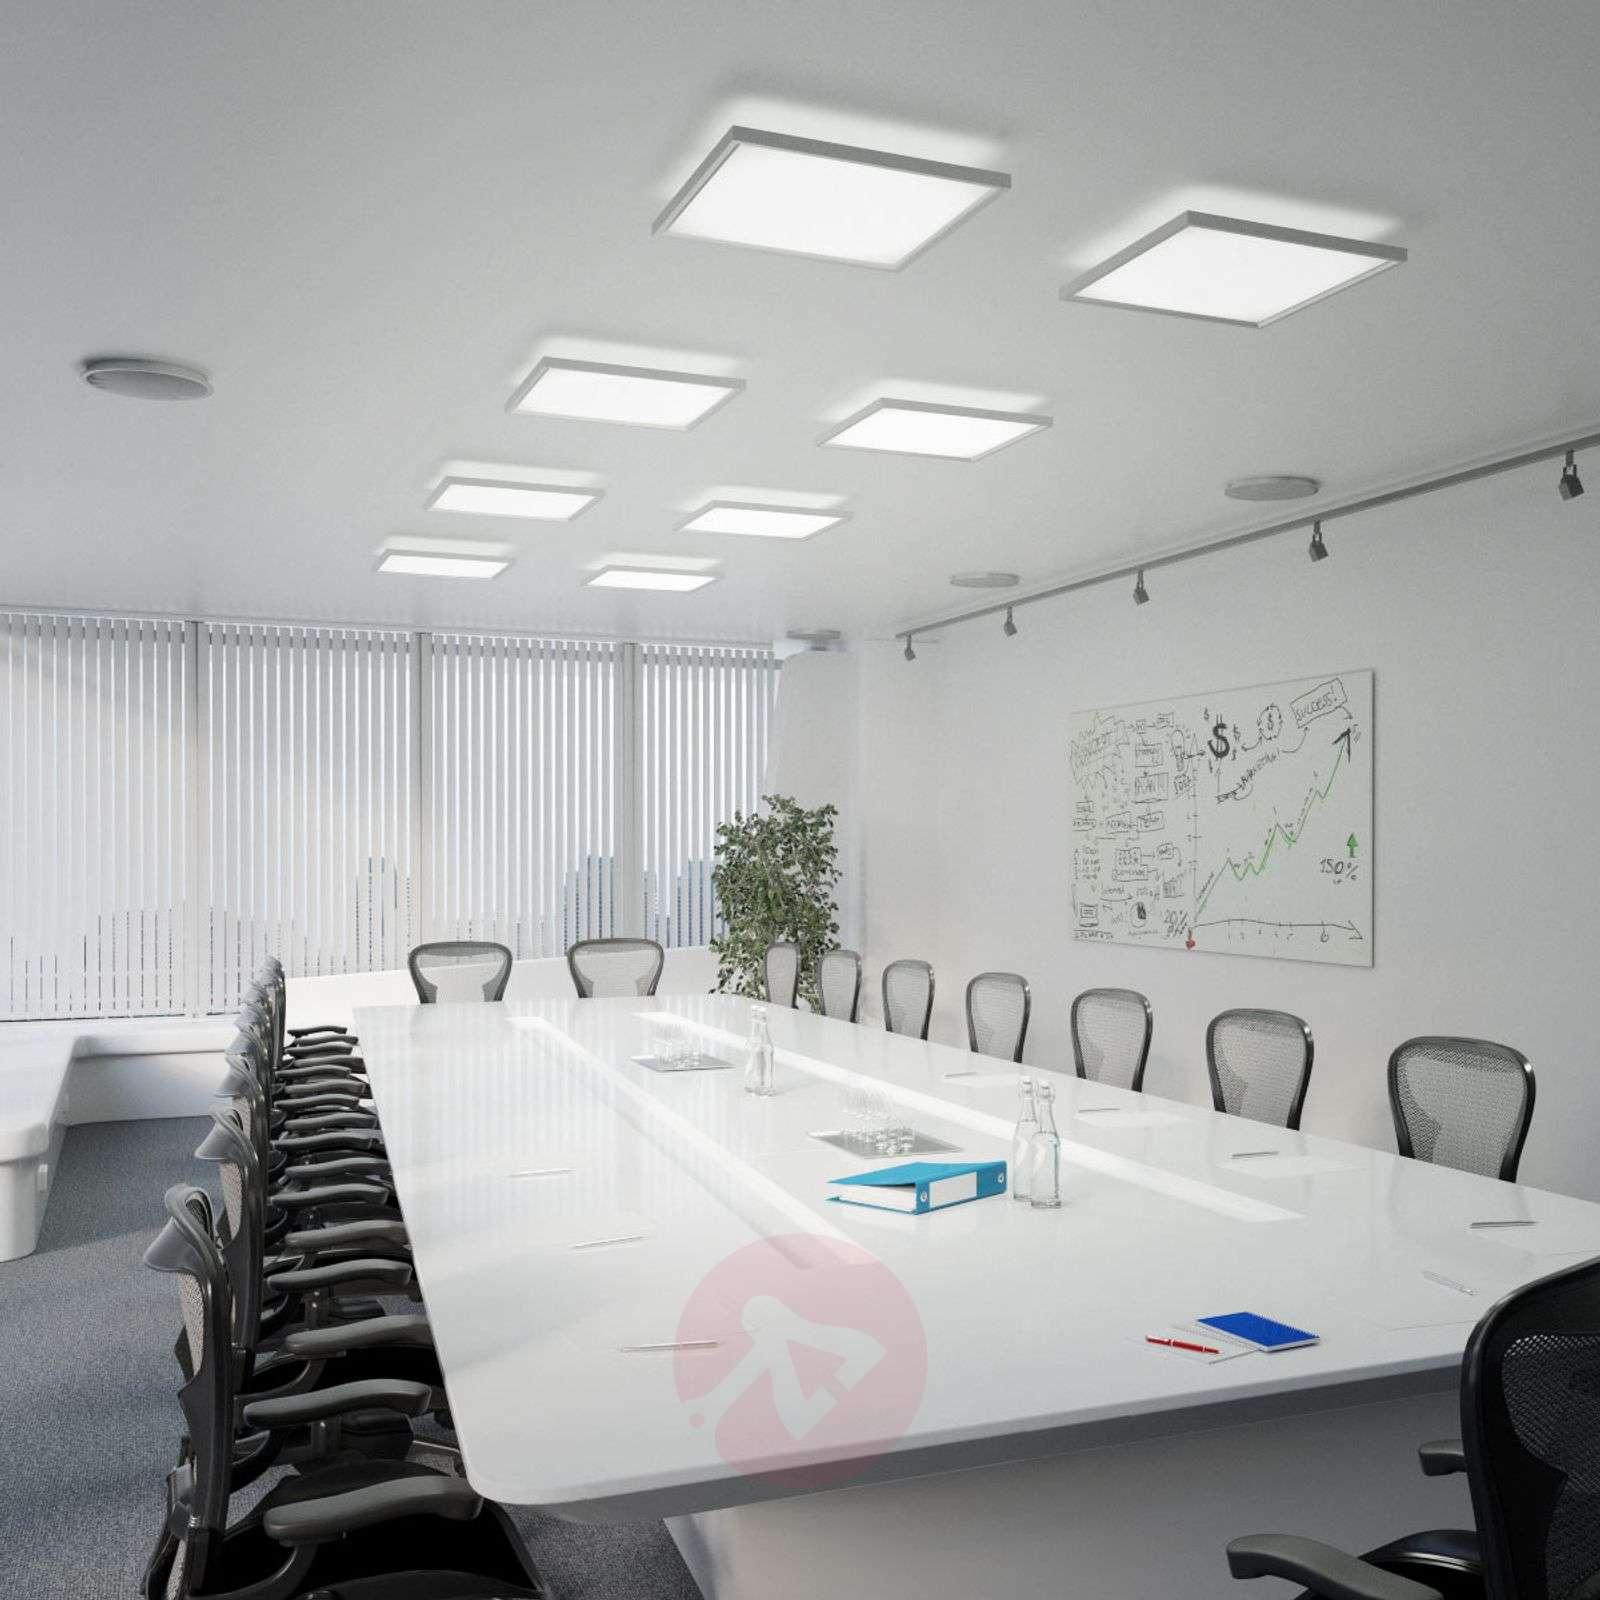 Rick Square Led Office Ceiling Lamp Dali 4 000 K